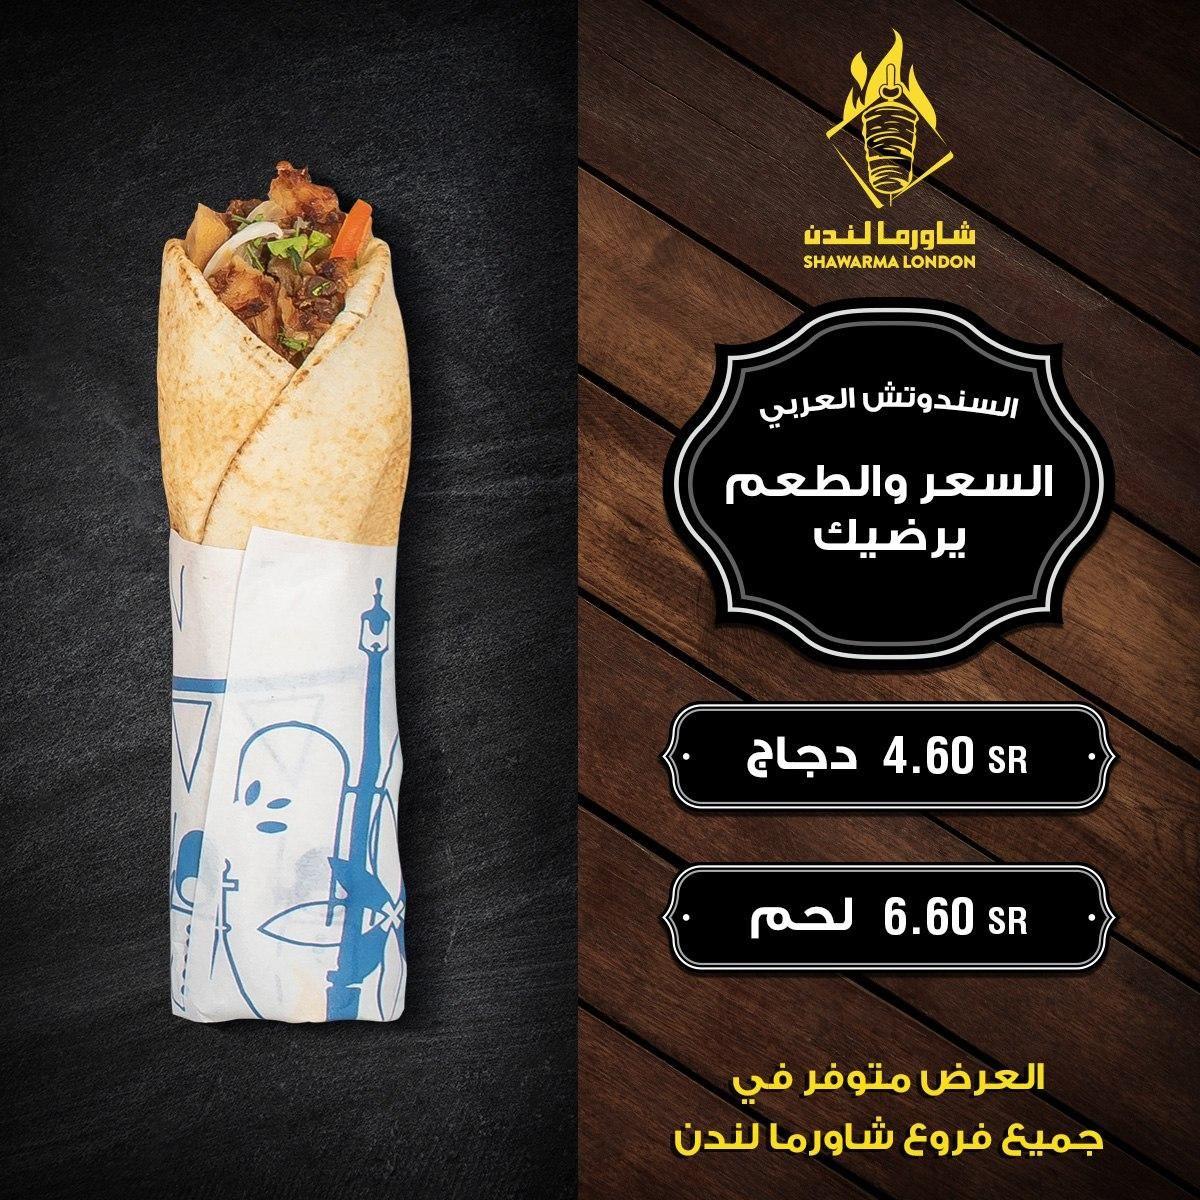 عروض المطاعم عرض مطعم شاورما لندن علي السندوتش العربي السعر و الطعم يرضيك عروض اليوم Food